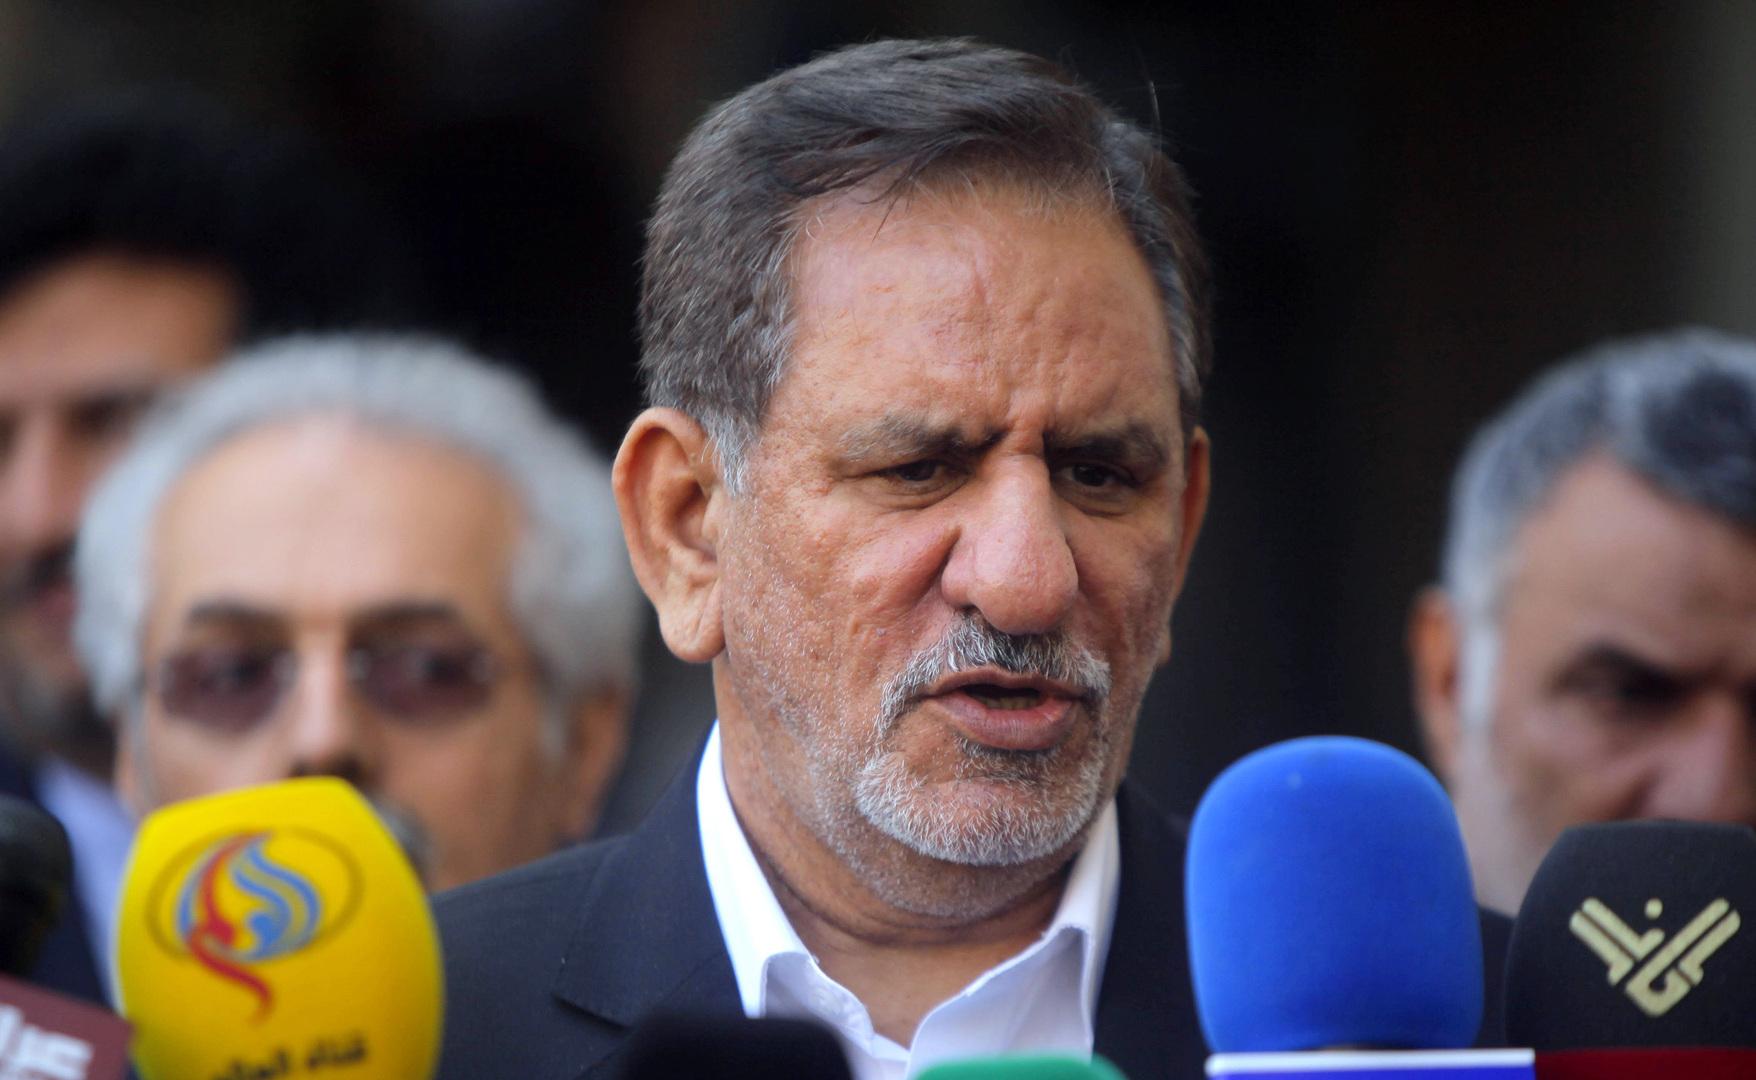 إيران: الضغوط القصوى التي كانت تمارس علينا وصلت الى طريق مسدود